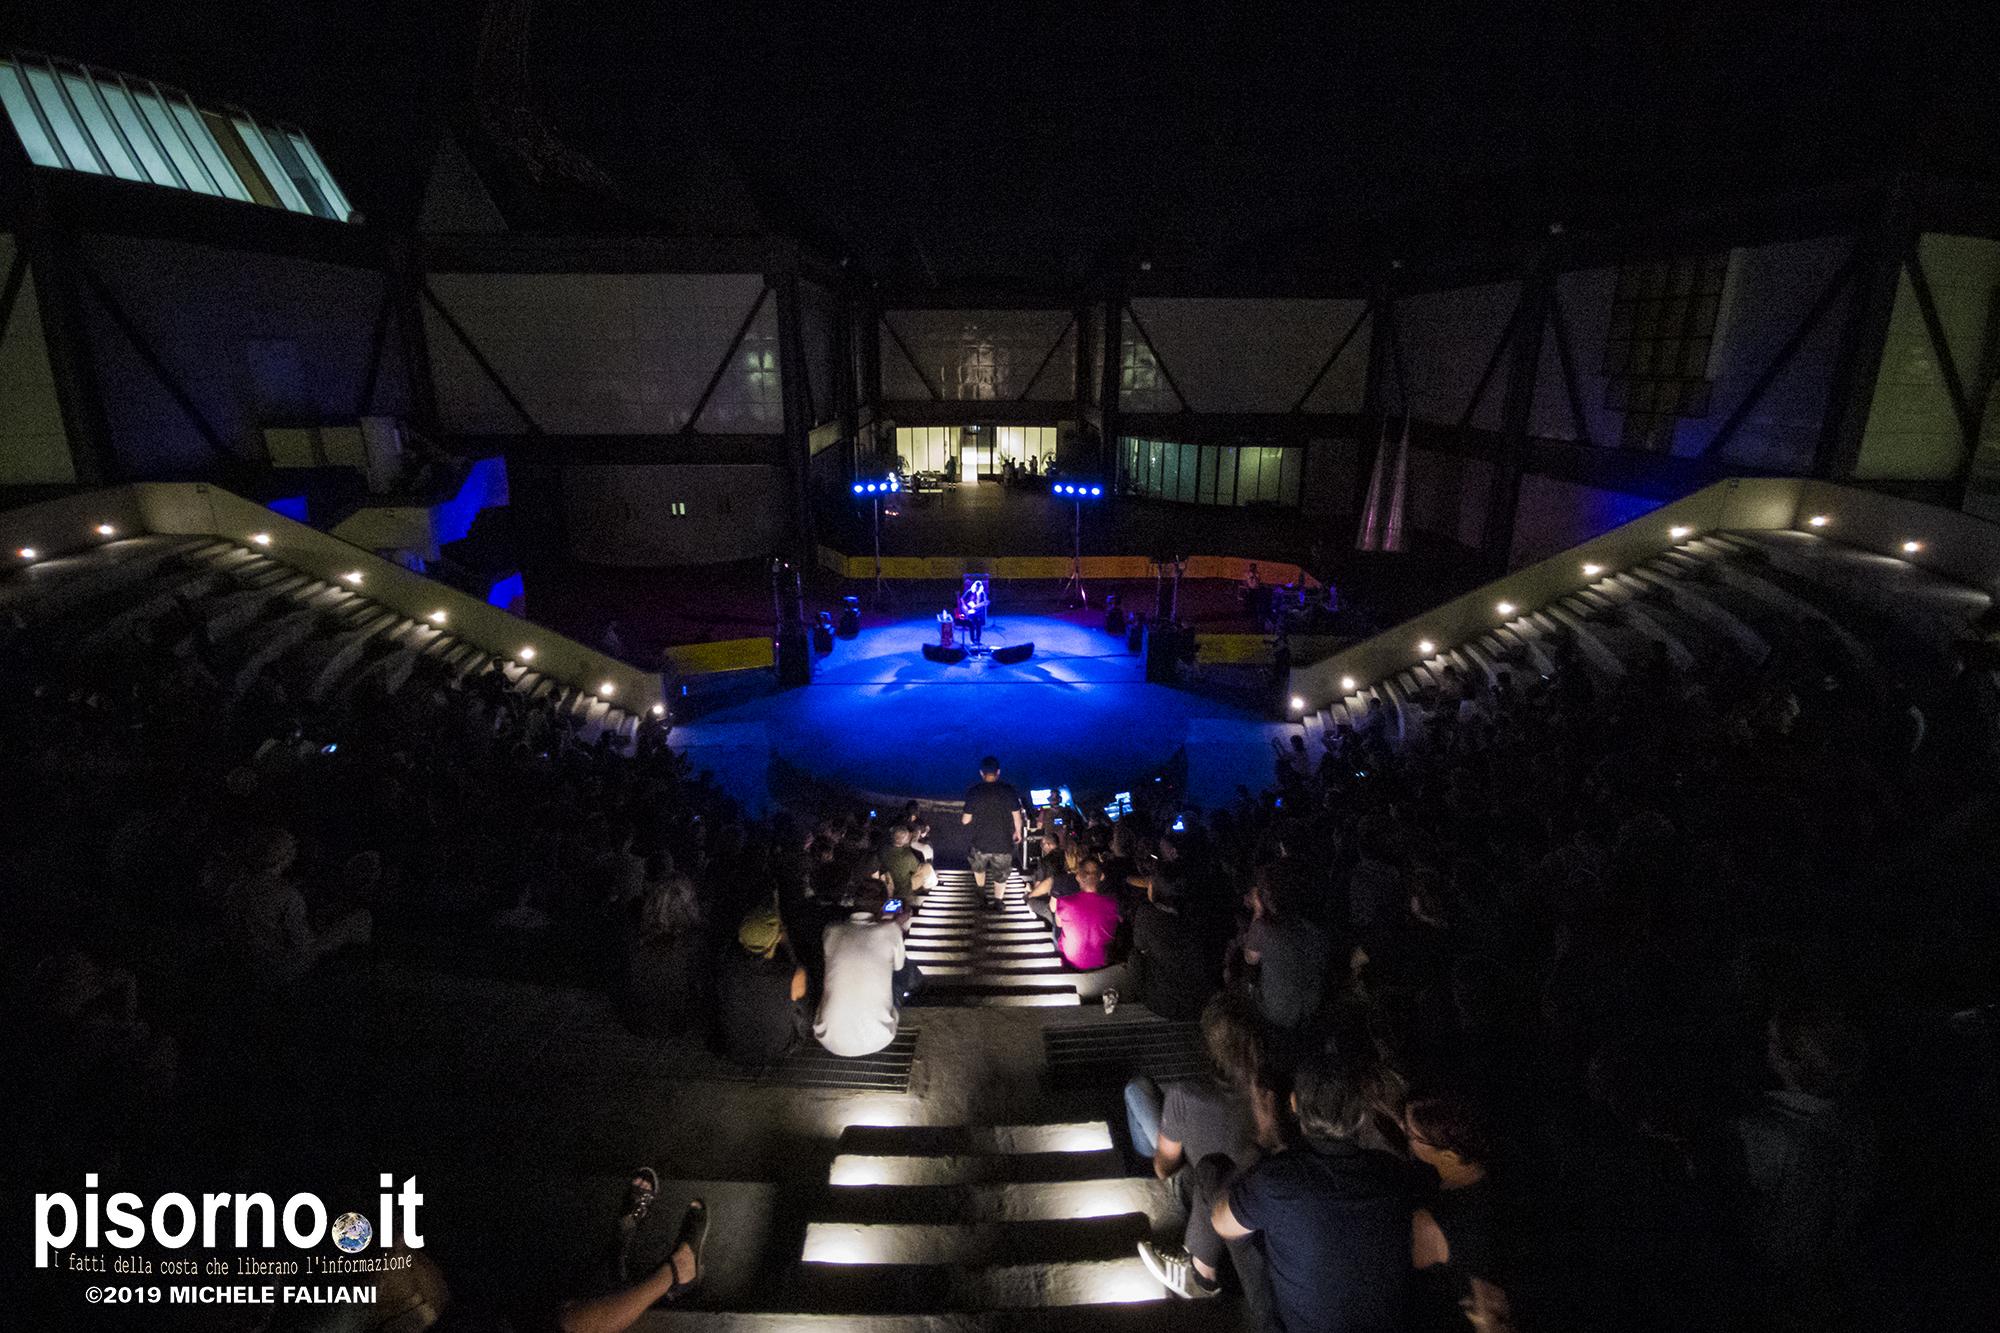 J Mascis live @ Festival delle Colline (Prato, July 12th 2019)